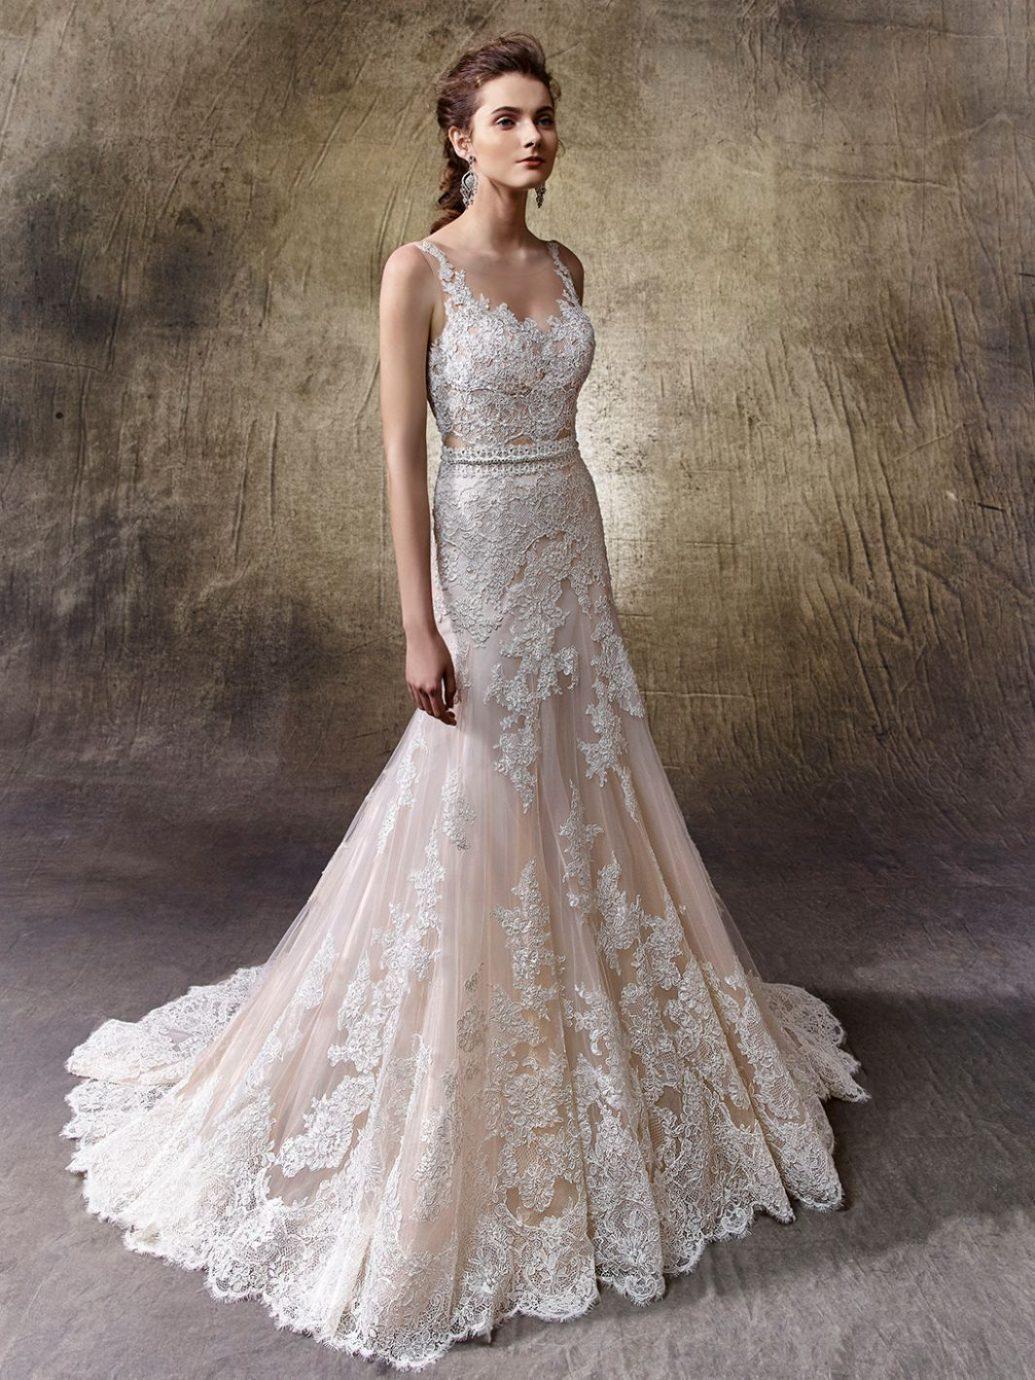 Elegancia és nőiesség, az Enzoani kollekcióból a kedvenc 2018-ban ez a Lotus esküvői ruha.